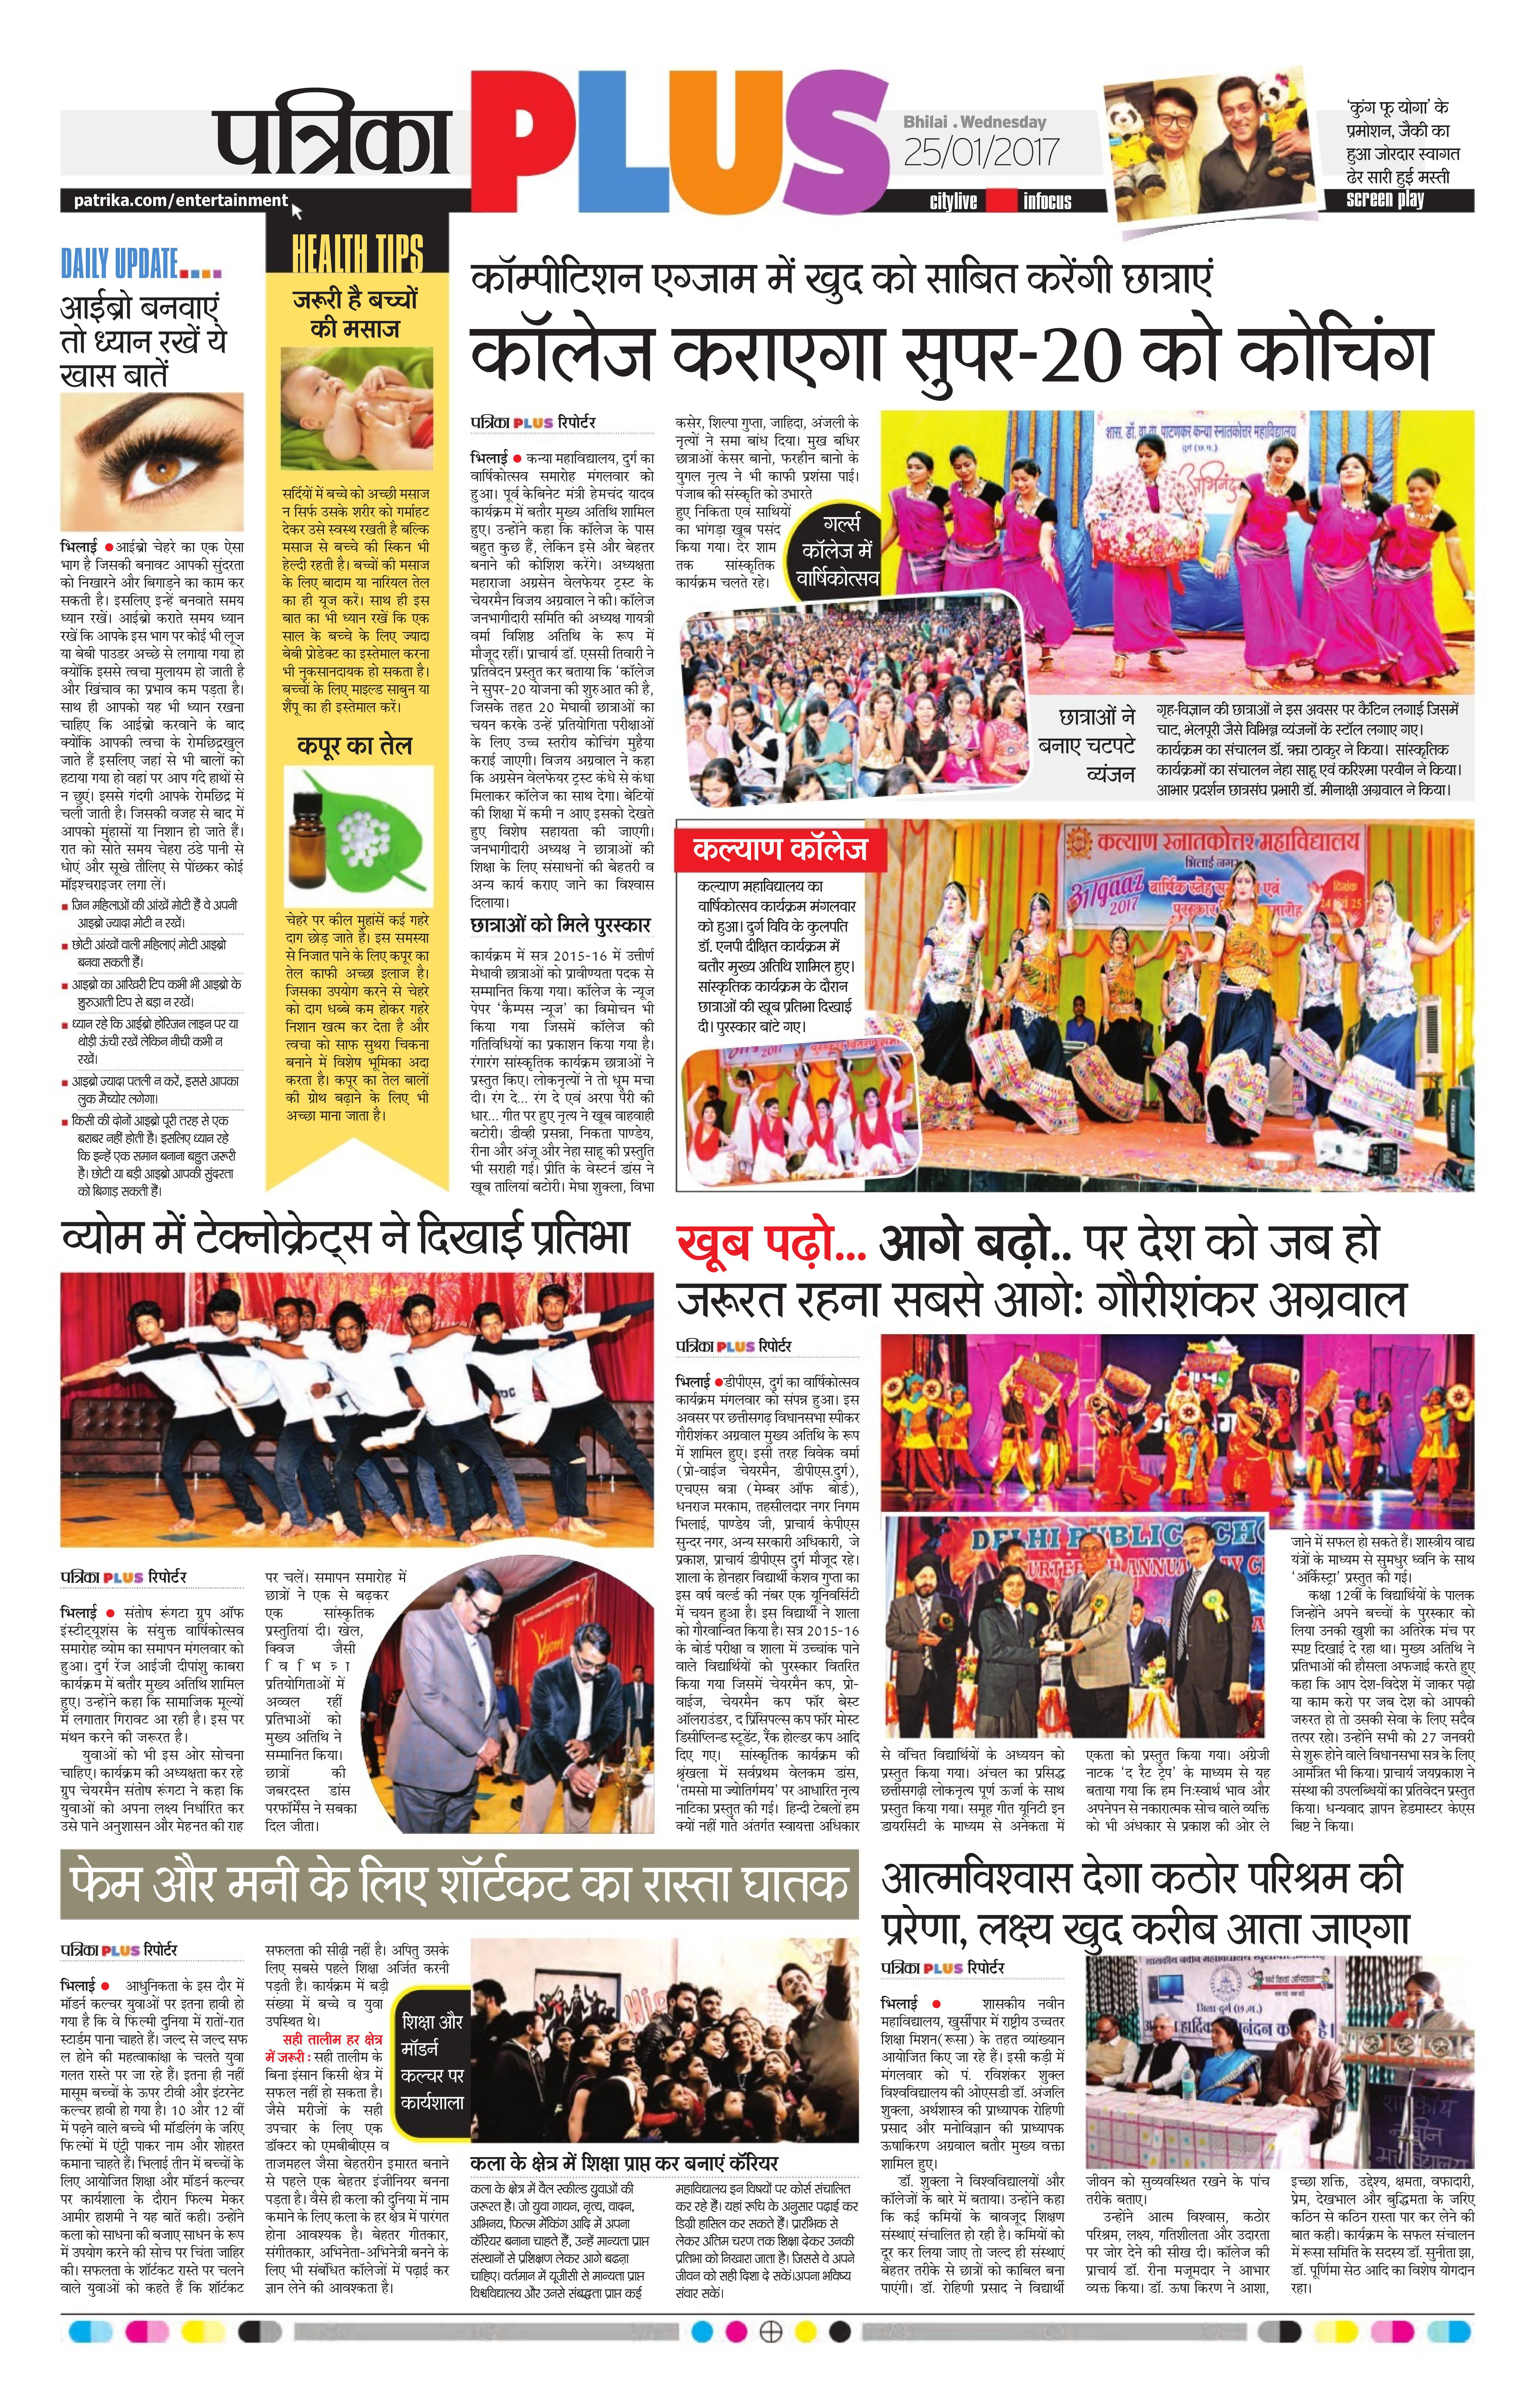 Bhilai-Patrika-News-page-16-page-001